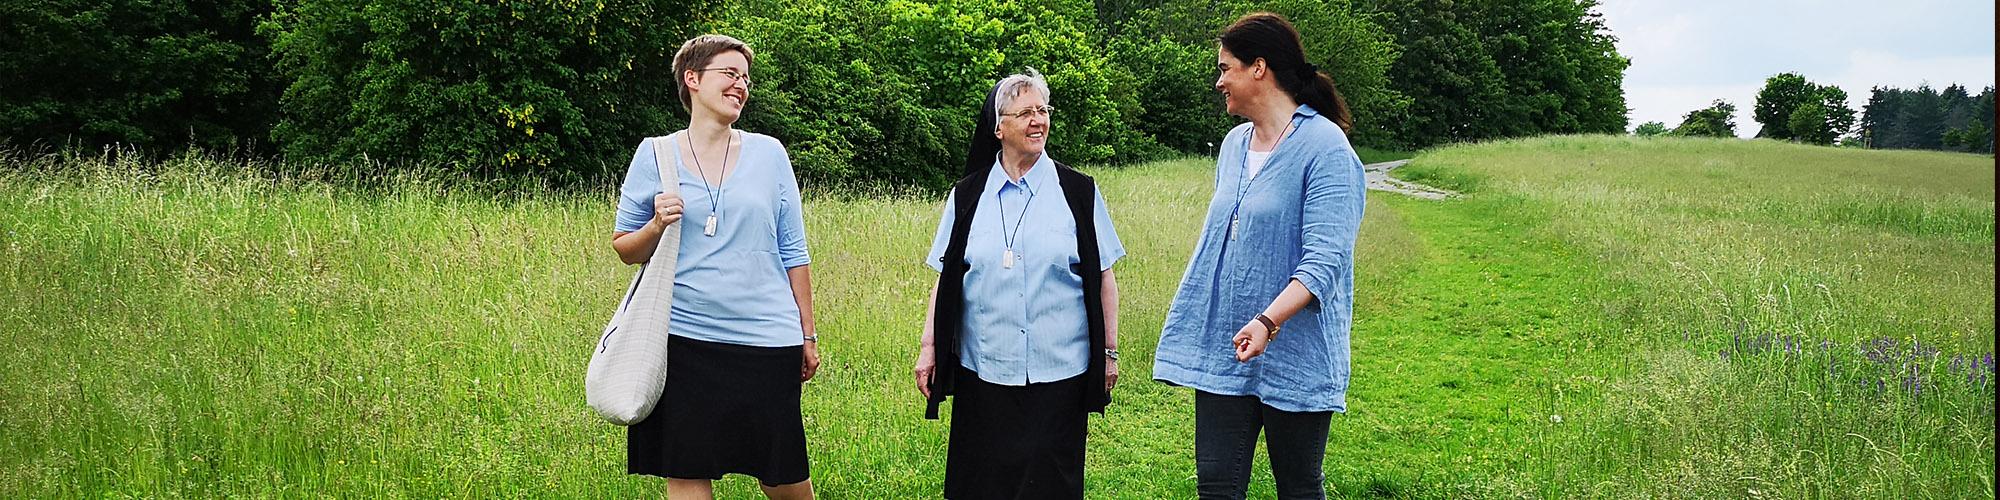 Gemeinschaft-Kloster-Oberzell-Ordensschwestern